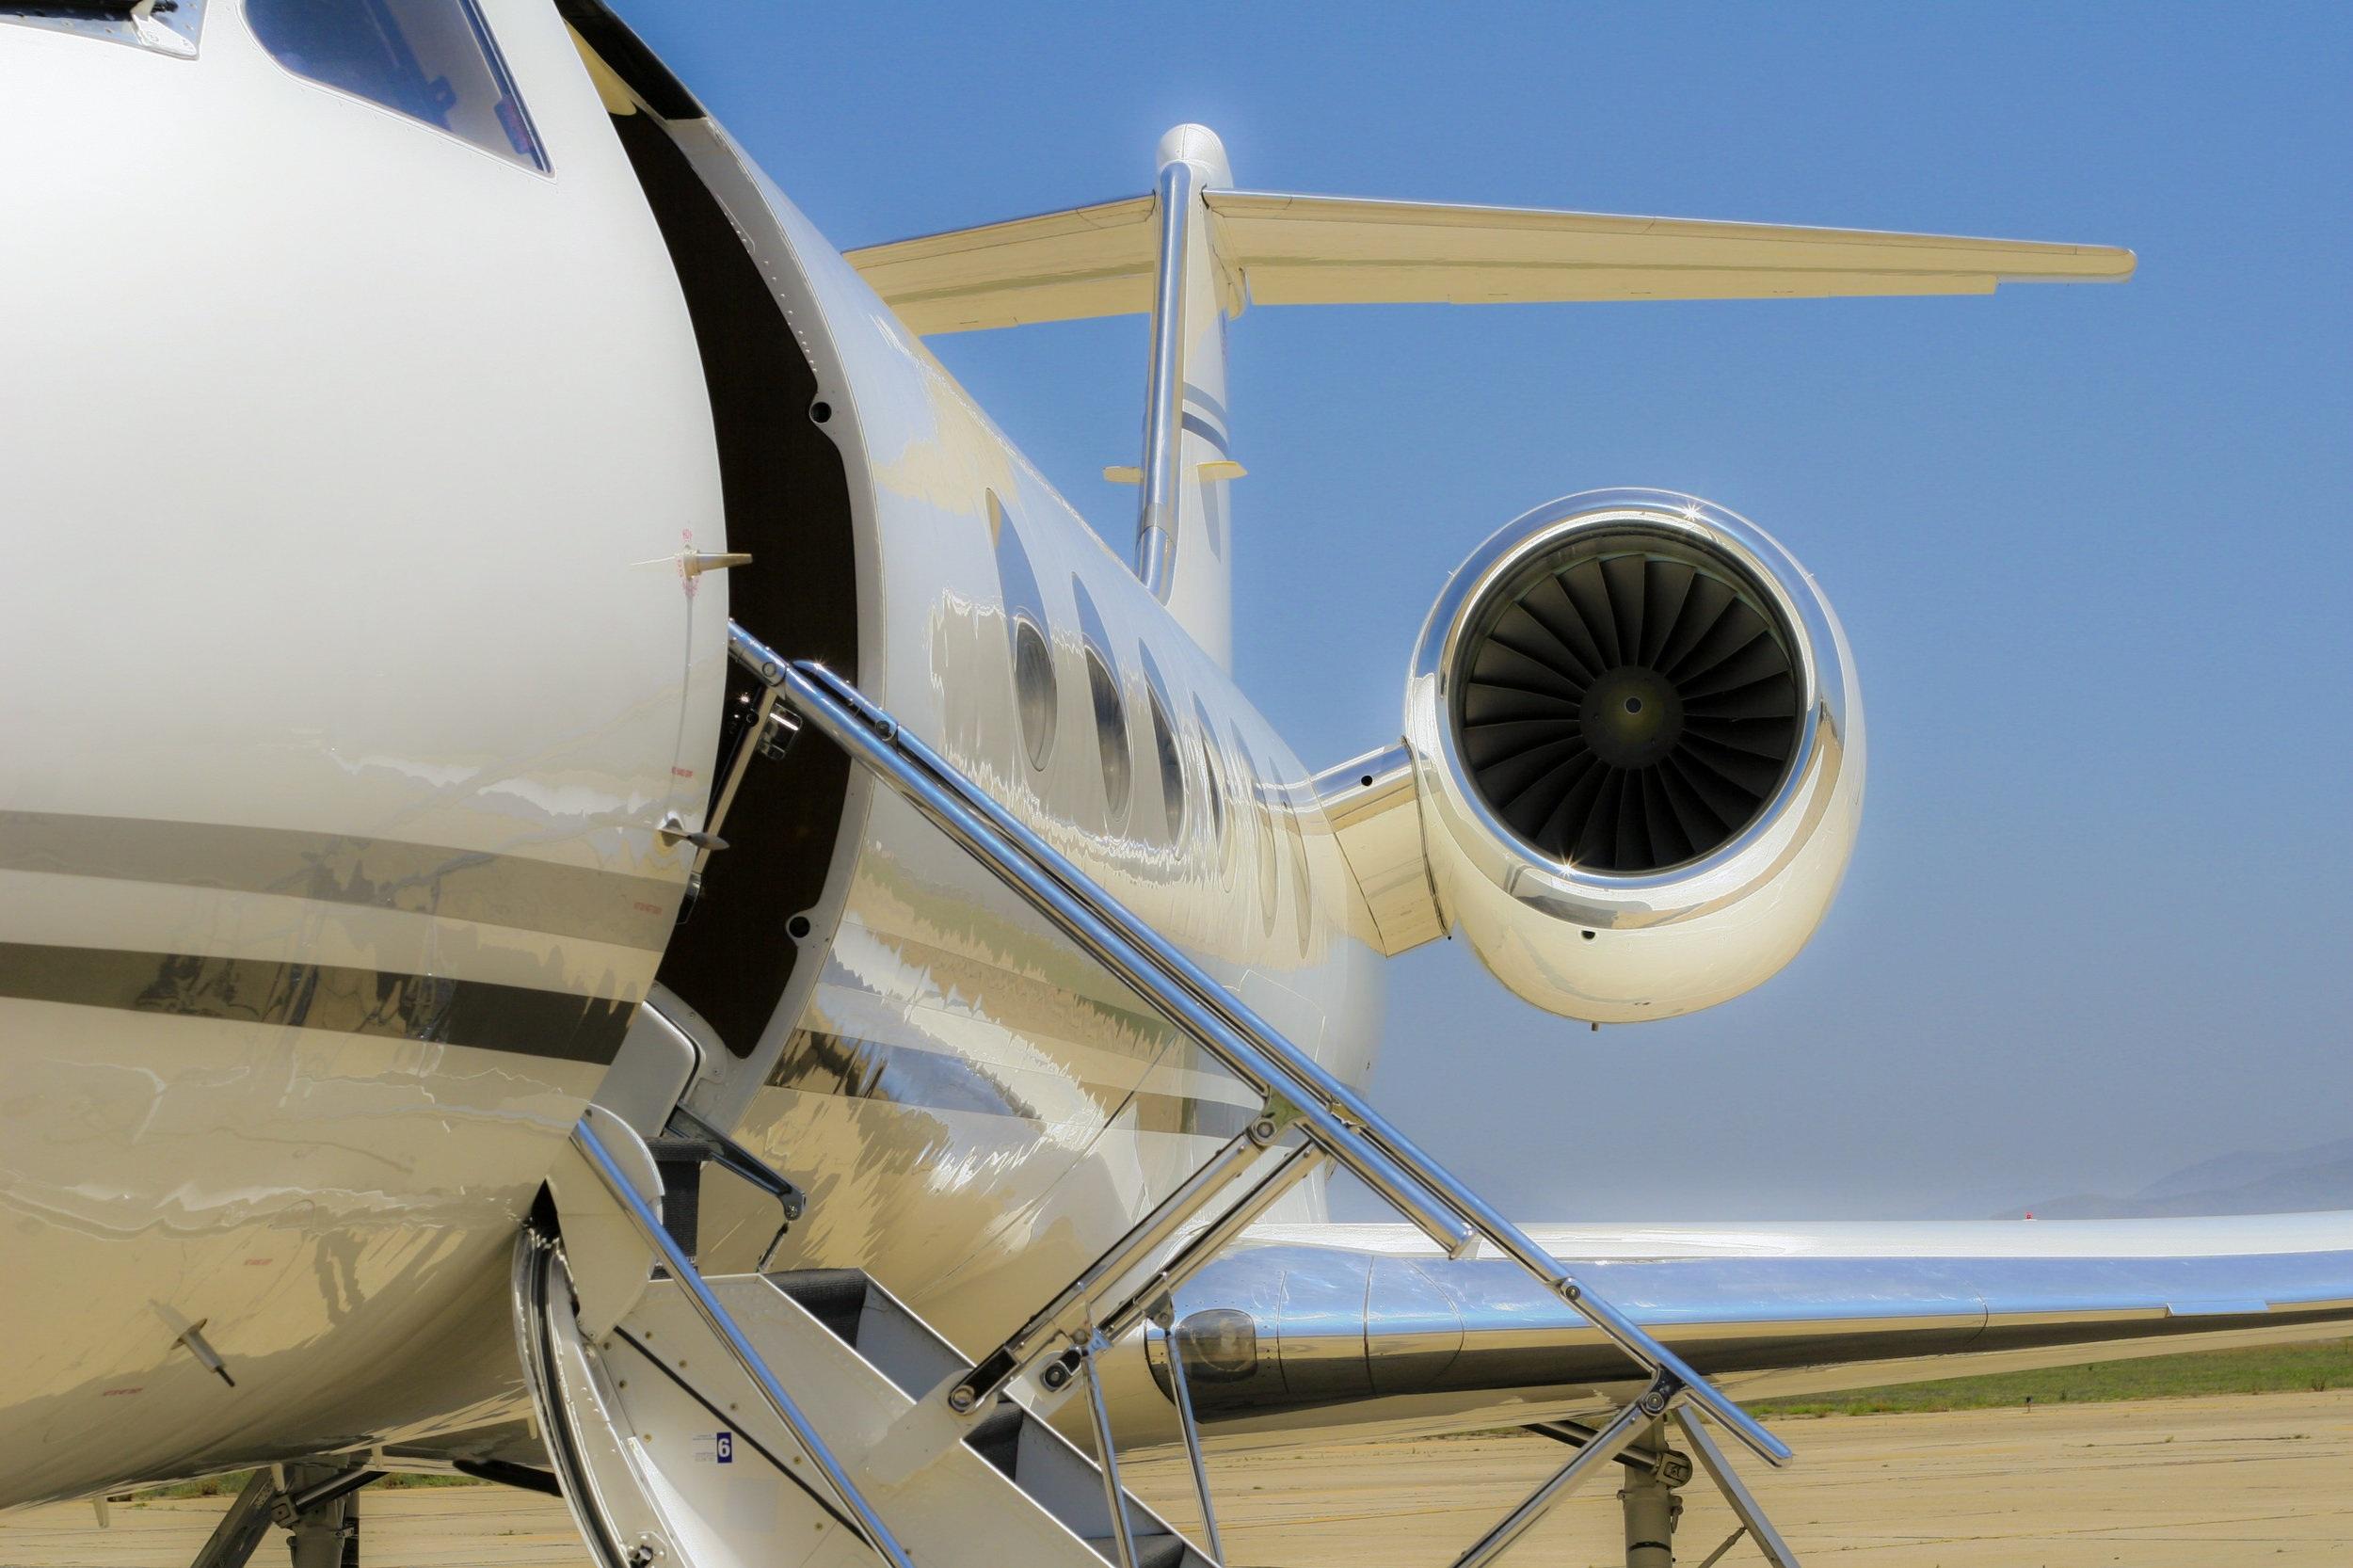 bigstock-Sleek-Plane-Copy-5908063.jpg